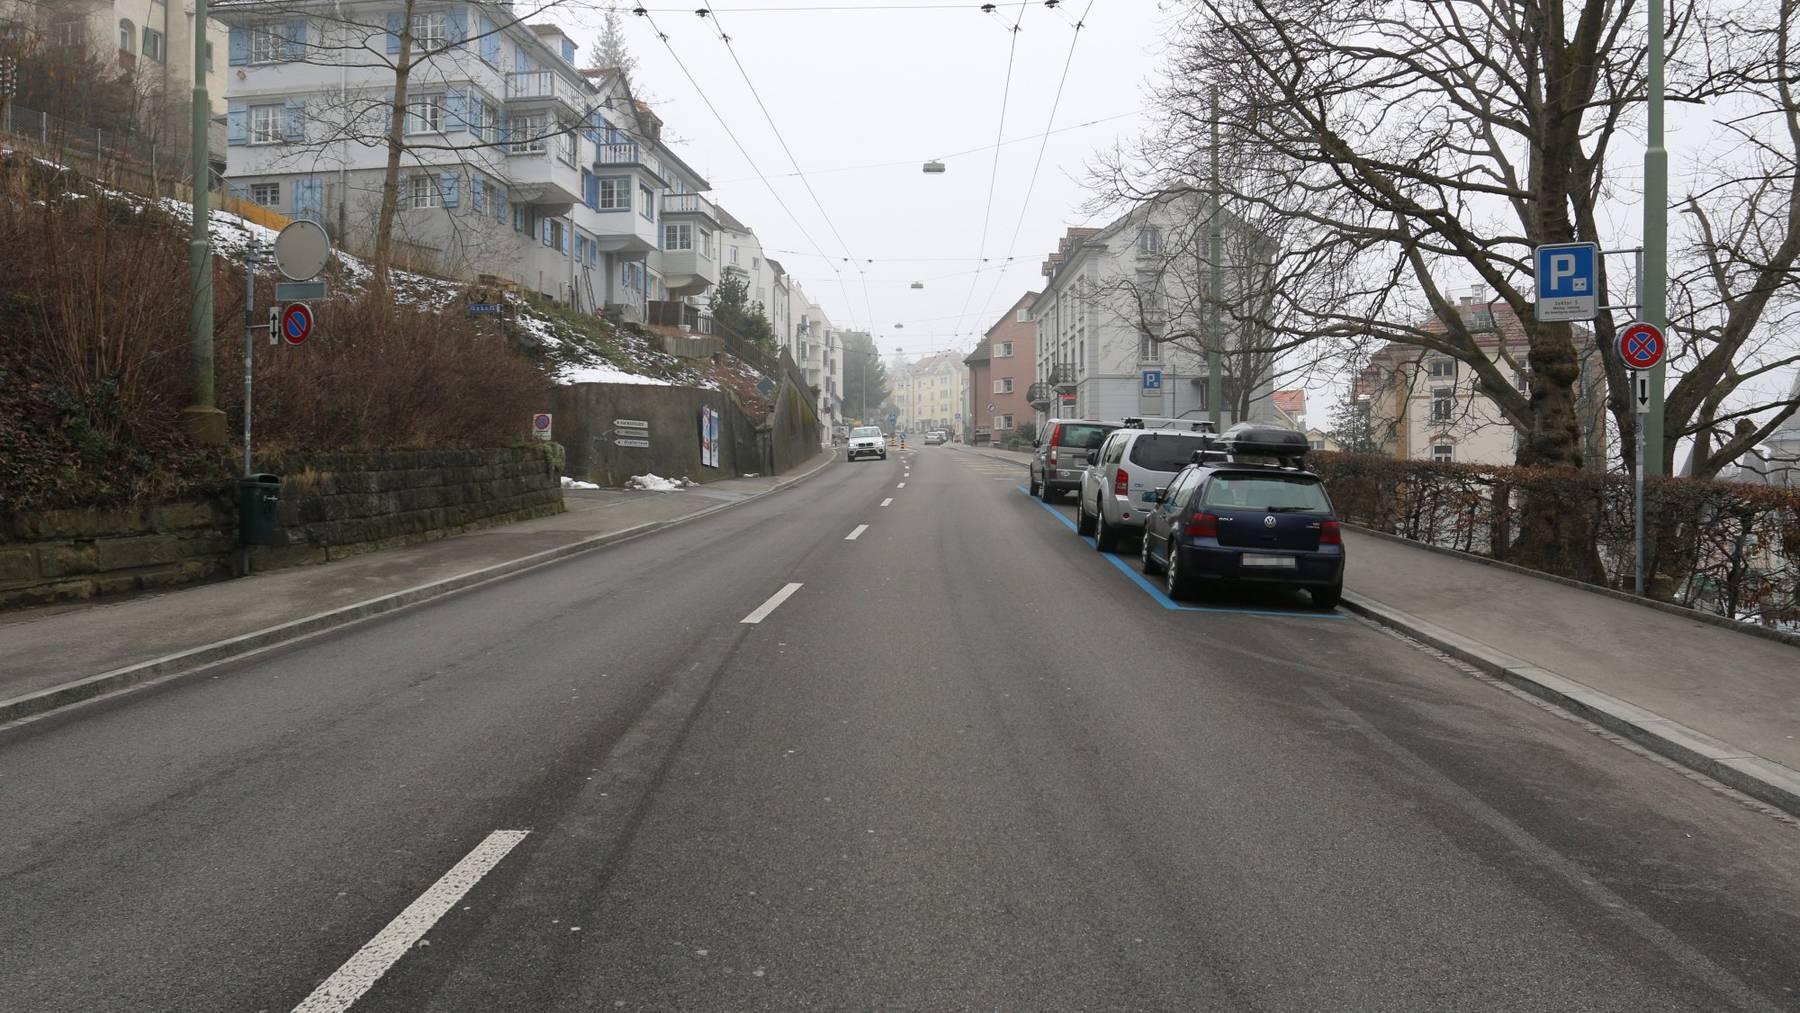 Der Unfall ereignete sich auf der Teufener Strasse, Höhe Liegenschaft Nummer 84.